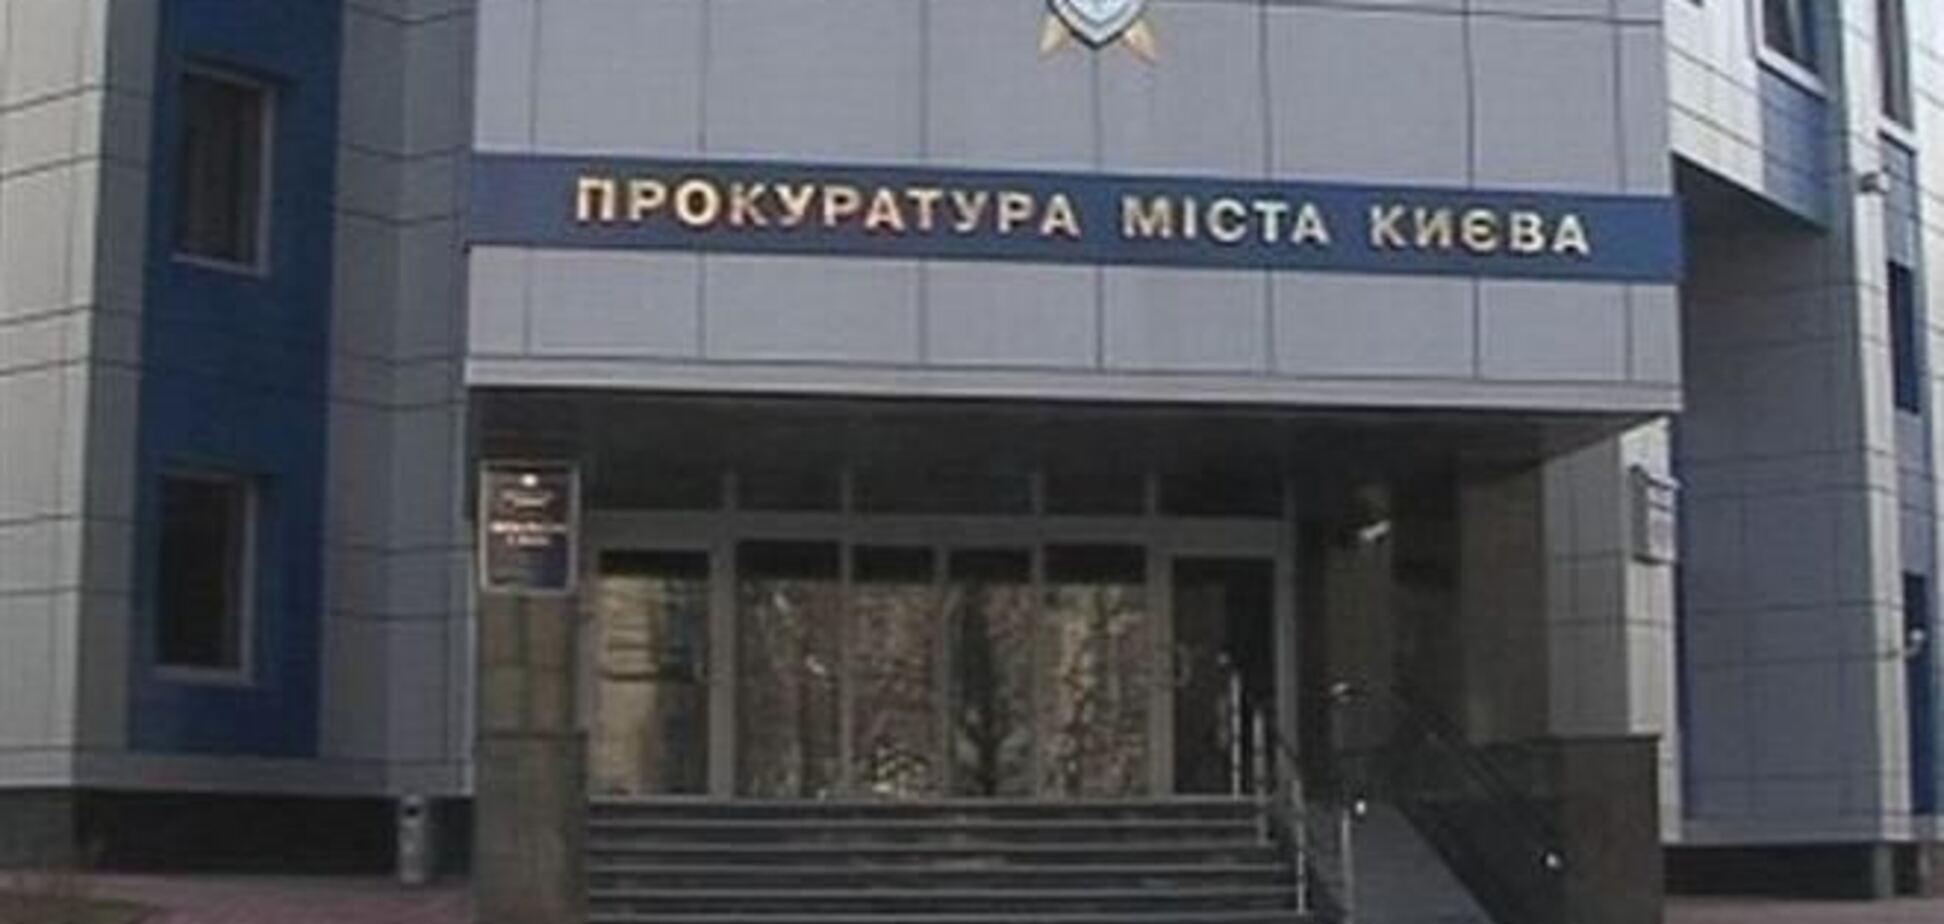 В Киеве бизнесмен обманул металлотрейдеров на 4 млн гривен